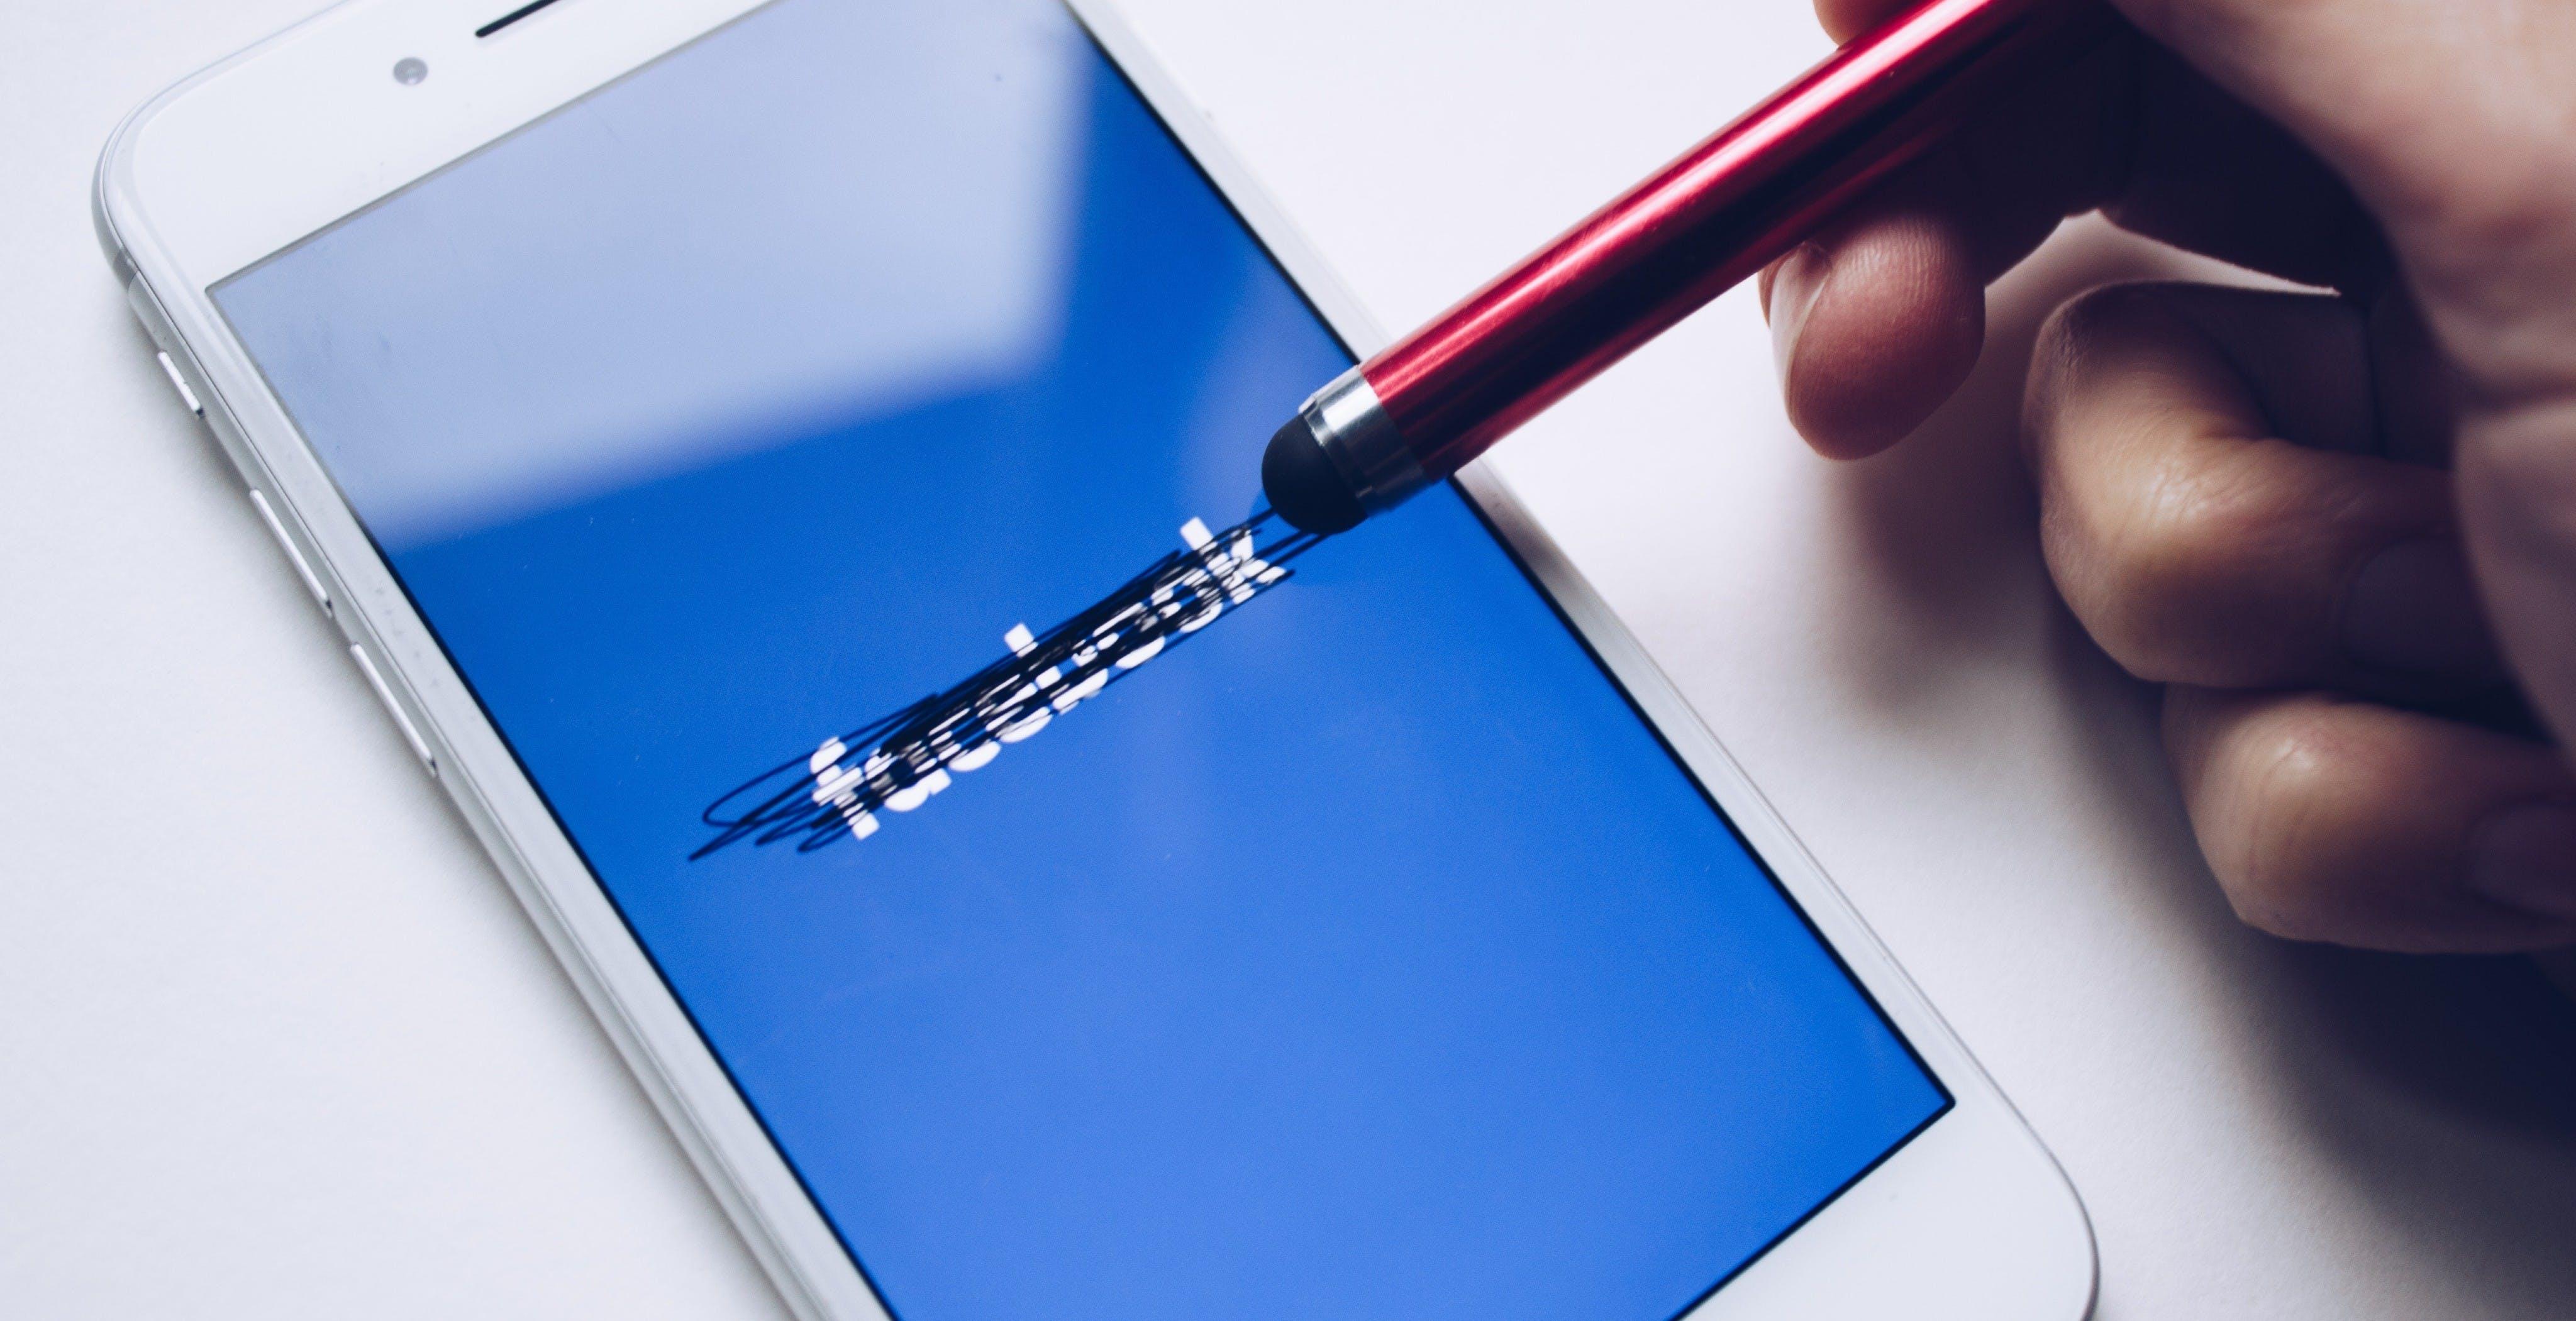 Il down di Facebook ha sbugiardato l'antitrust: non è un monopolio e la concorrenza (per fortuna) già c'è